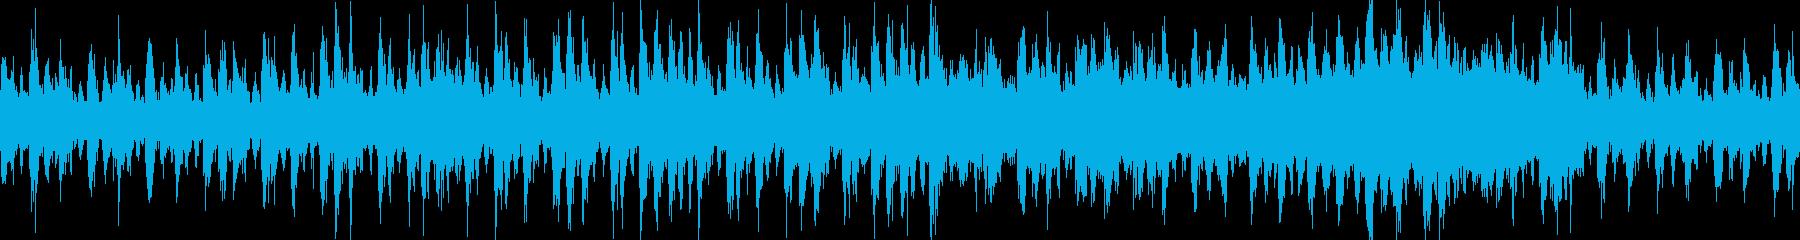 緊迫感を煽るハリウッド風BGM【ループ】の再生済みの波形